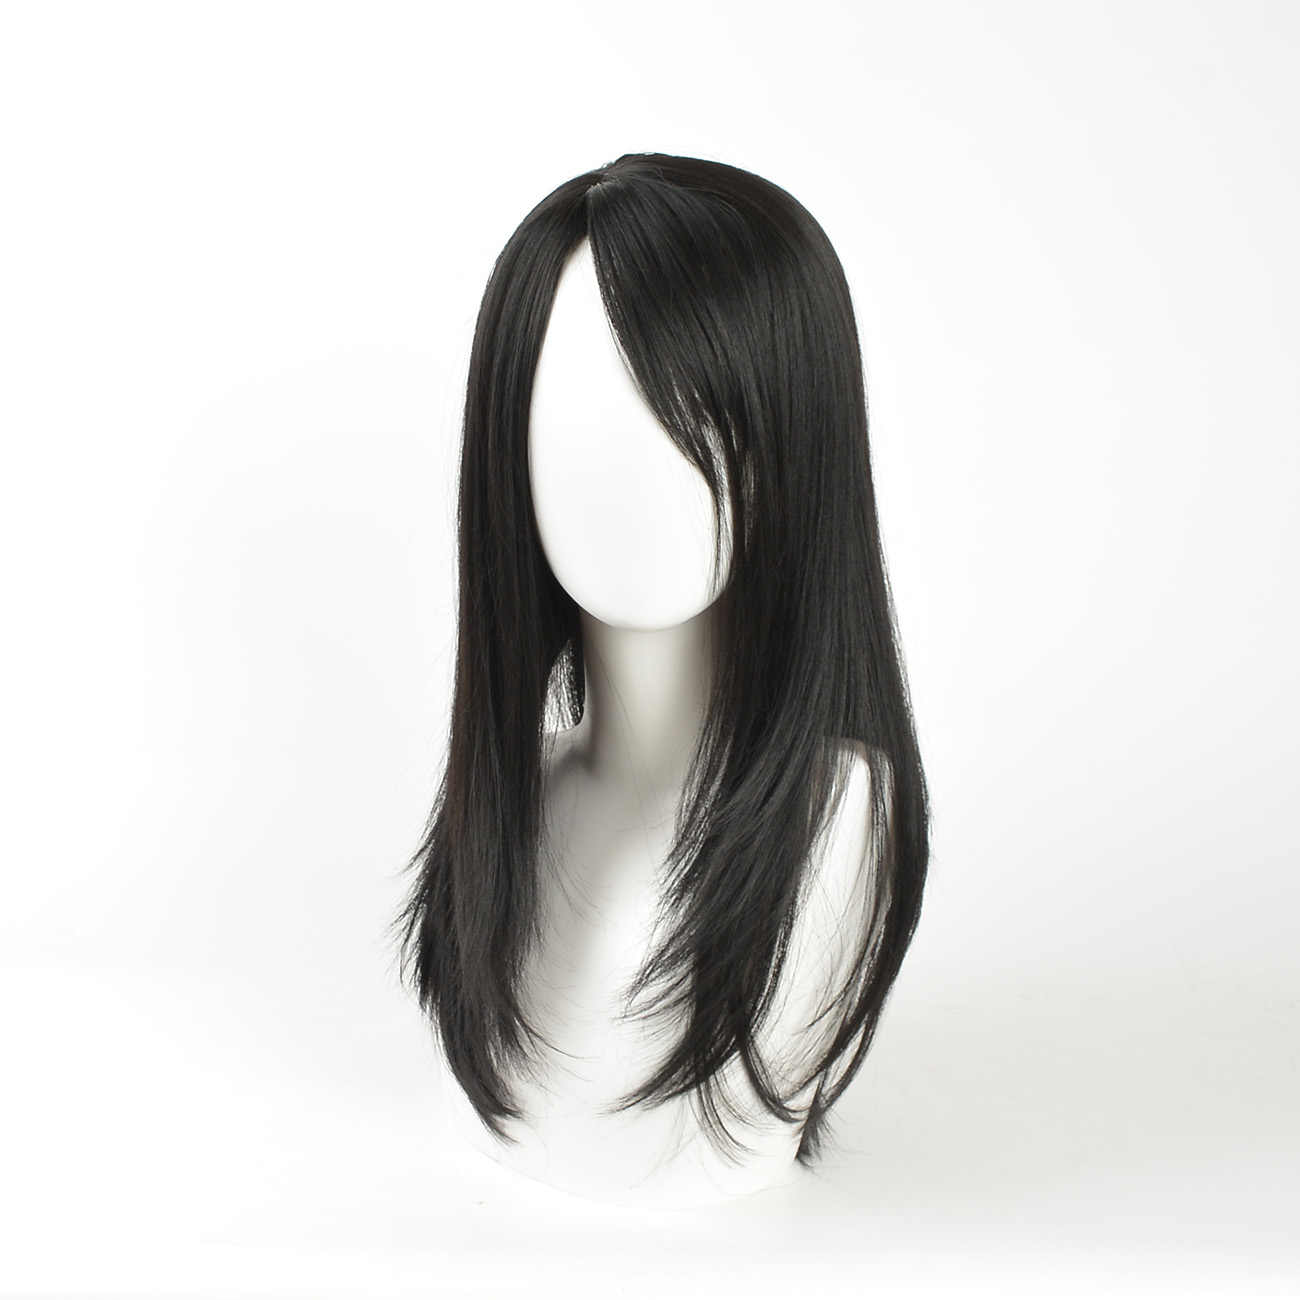 Длинные парики для женщин 22 дюйма Термостойкое волокно синтетический черный парик длинные прямые волосы натуральный цвет парик косплей